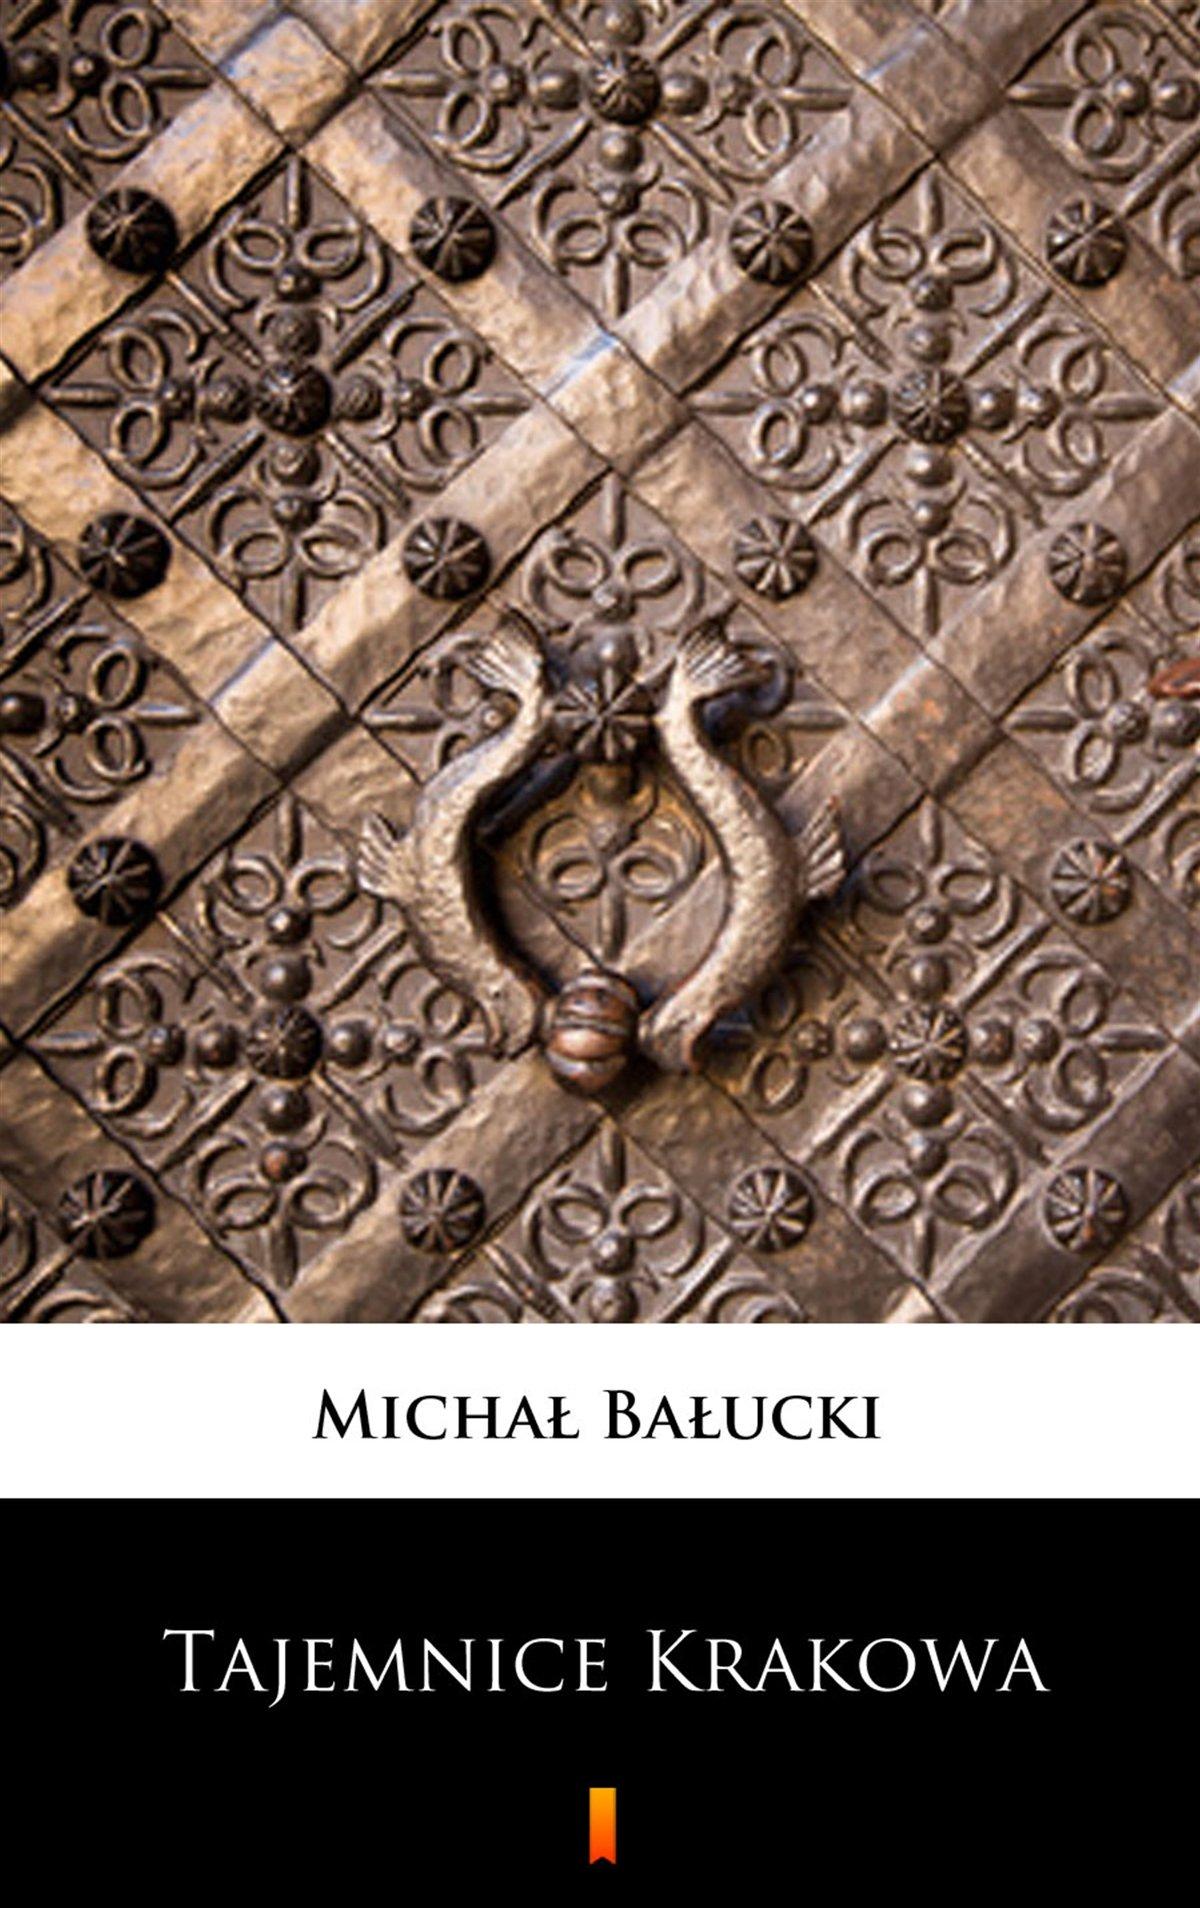 Tajemnice Krakowa - Ebook (Książka EPUB) do pobrania w formacie EPUB